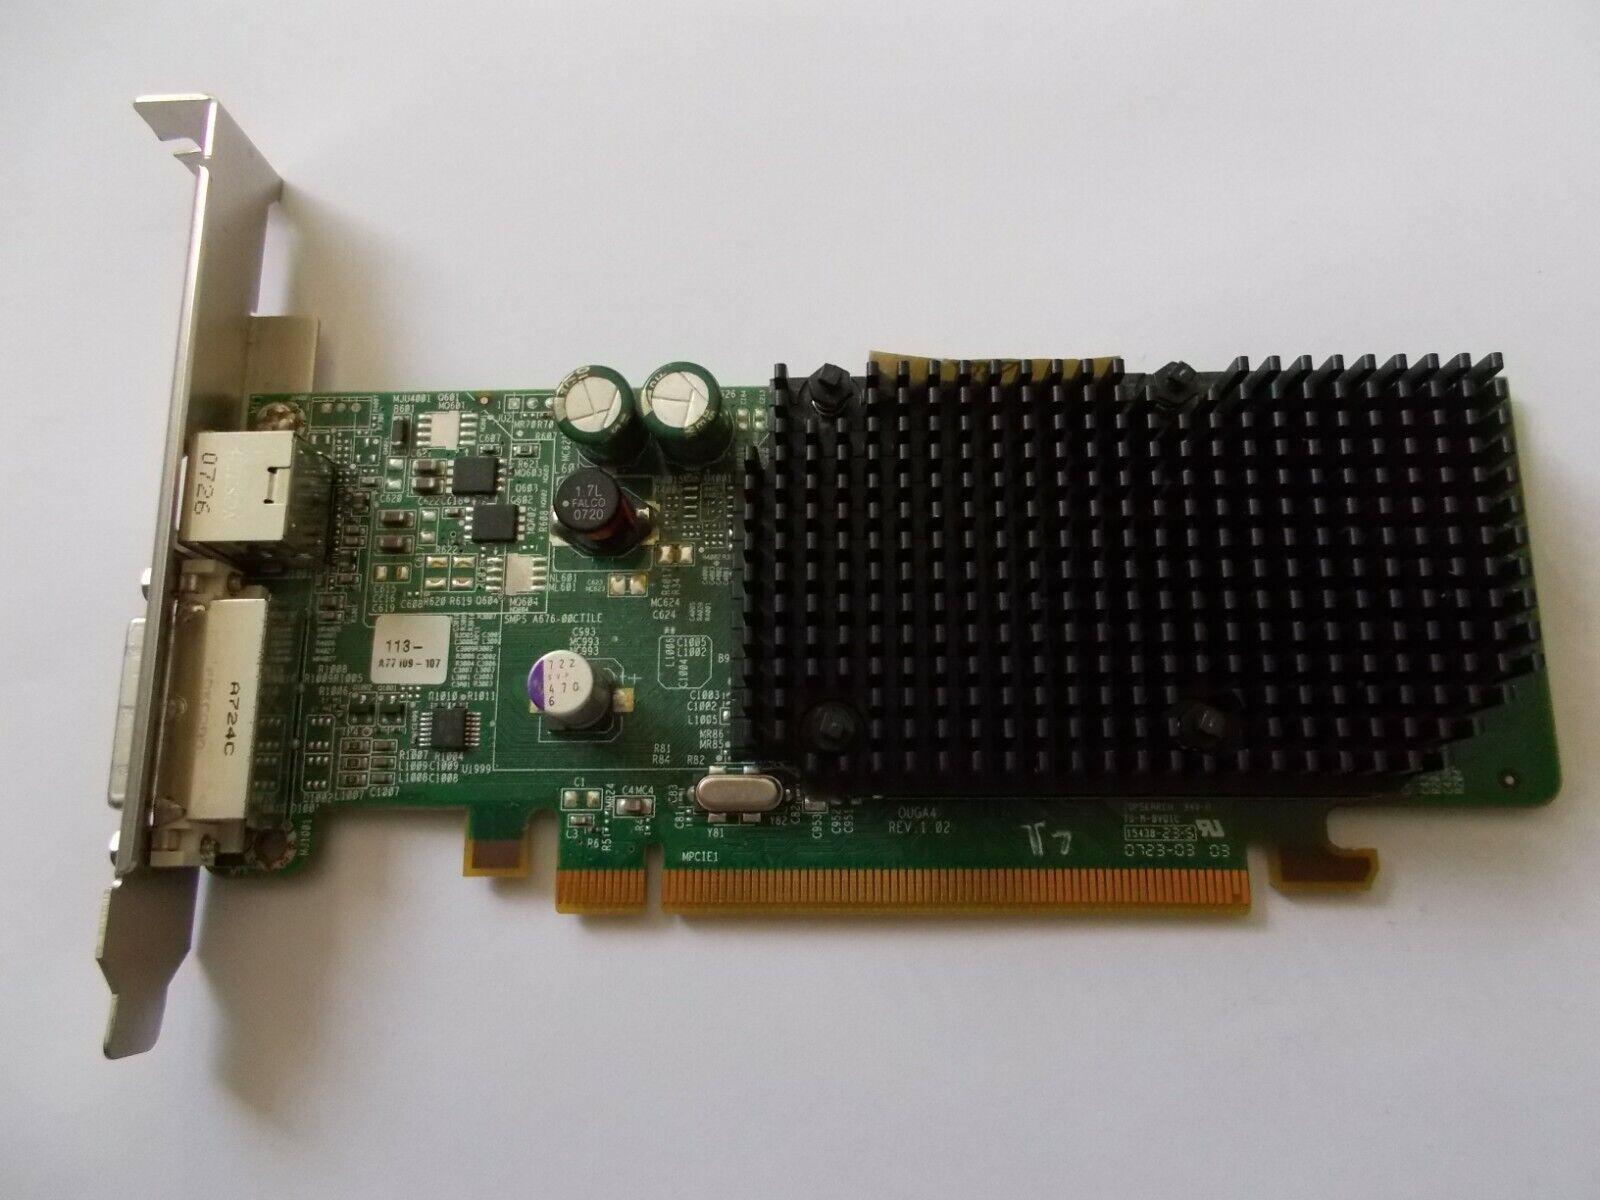 ATI Radeon X1300 128MB Low Profile Pci-E Graphics Card, #SU196